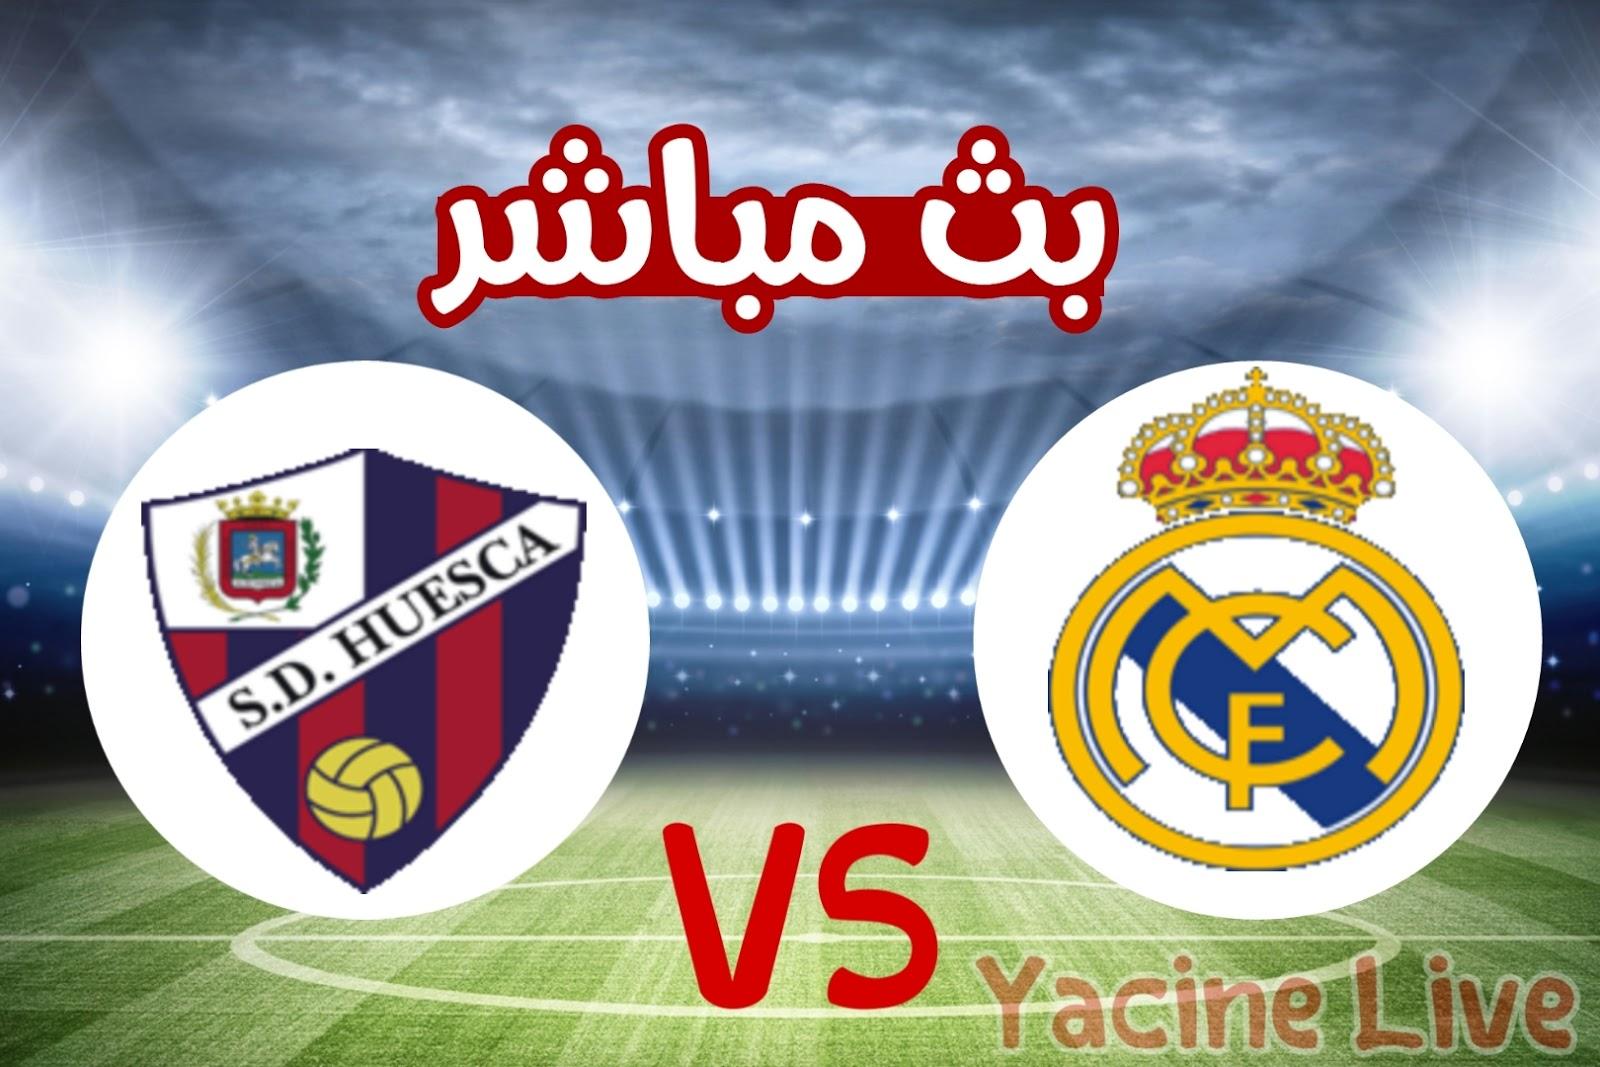 بث مباشر ريال مدريد ضد هويسكا بجودة عالية وبدون اي تقطعات